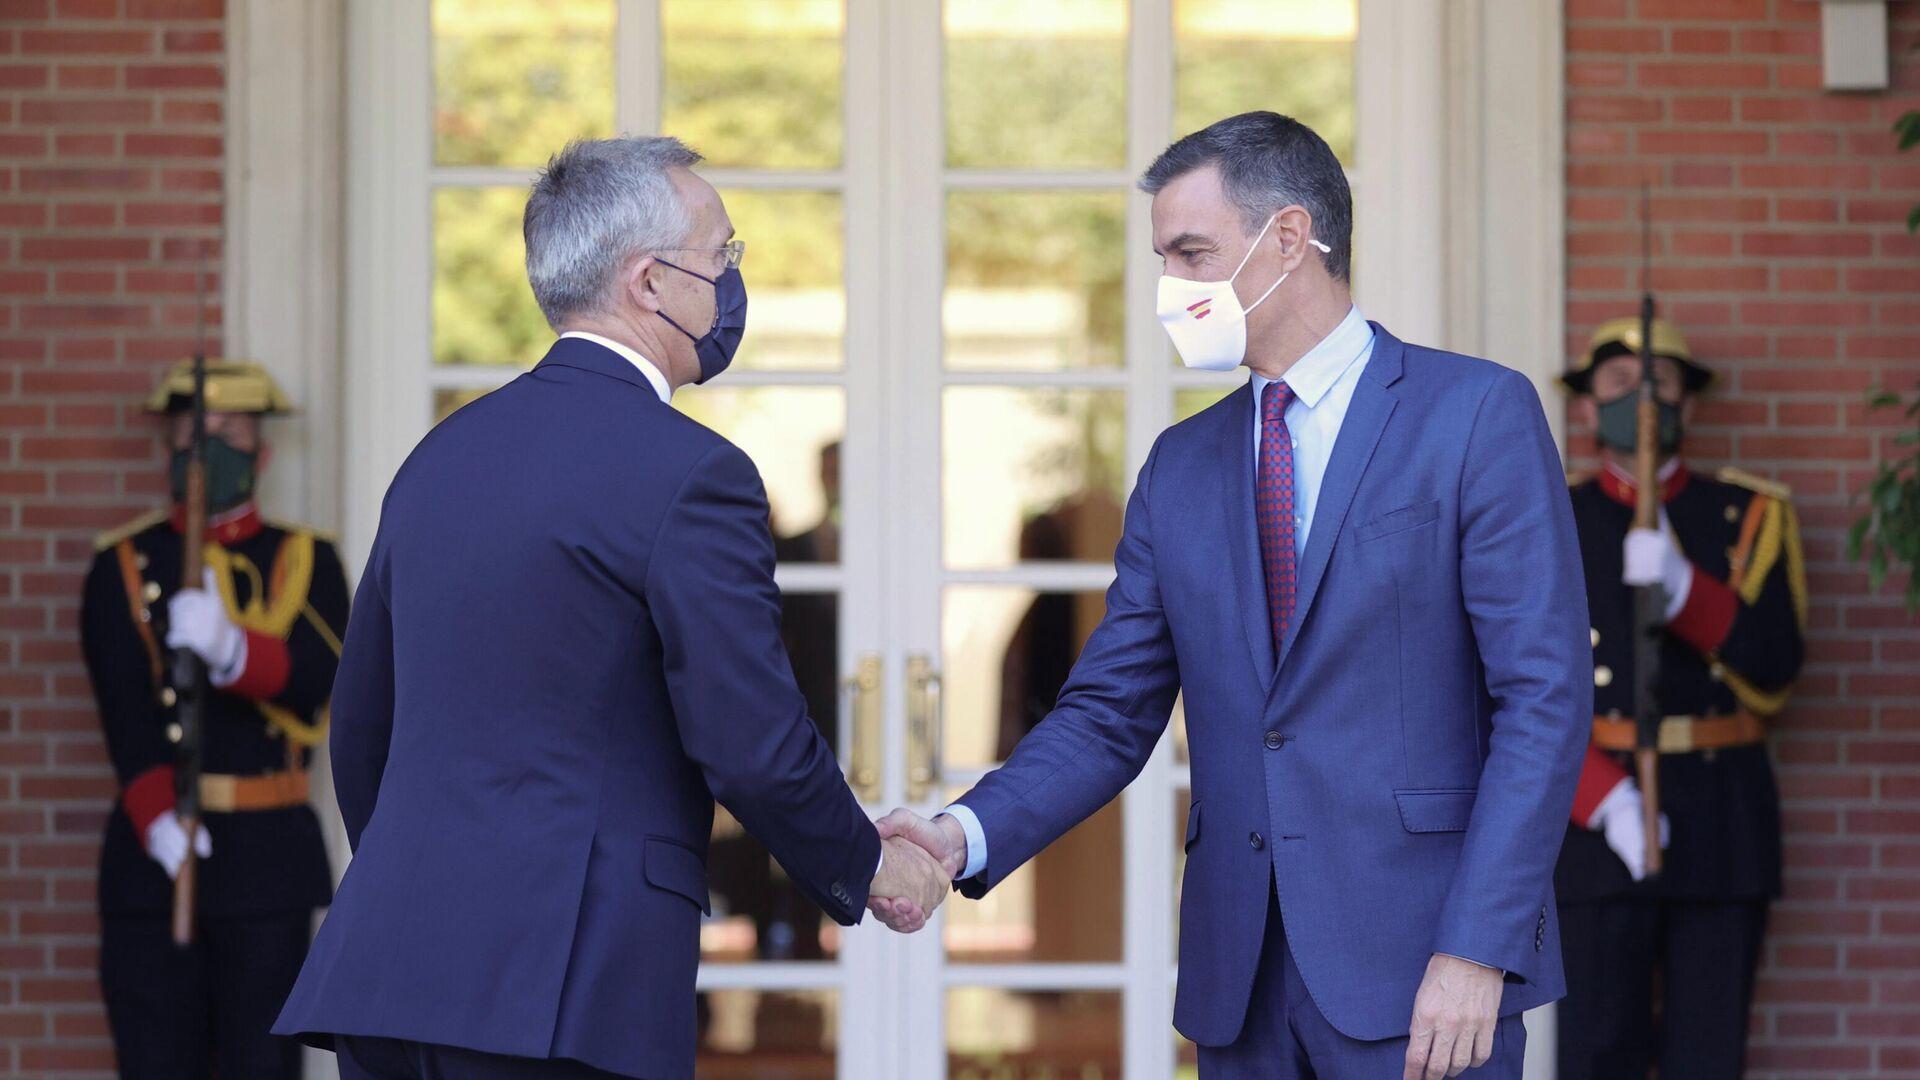 El presidente del Gobierno, Pedro Sánchez, recibe al secretario general de la OTAN, Jens Stoltenberg (i), en el Palacio de la Moncloa - Sputnik Mundo, 1920, 08.10.2021